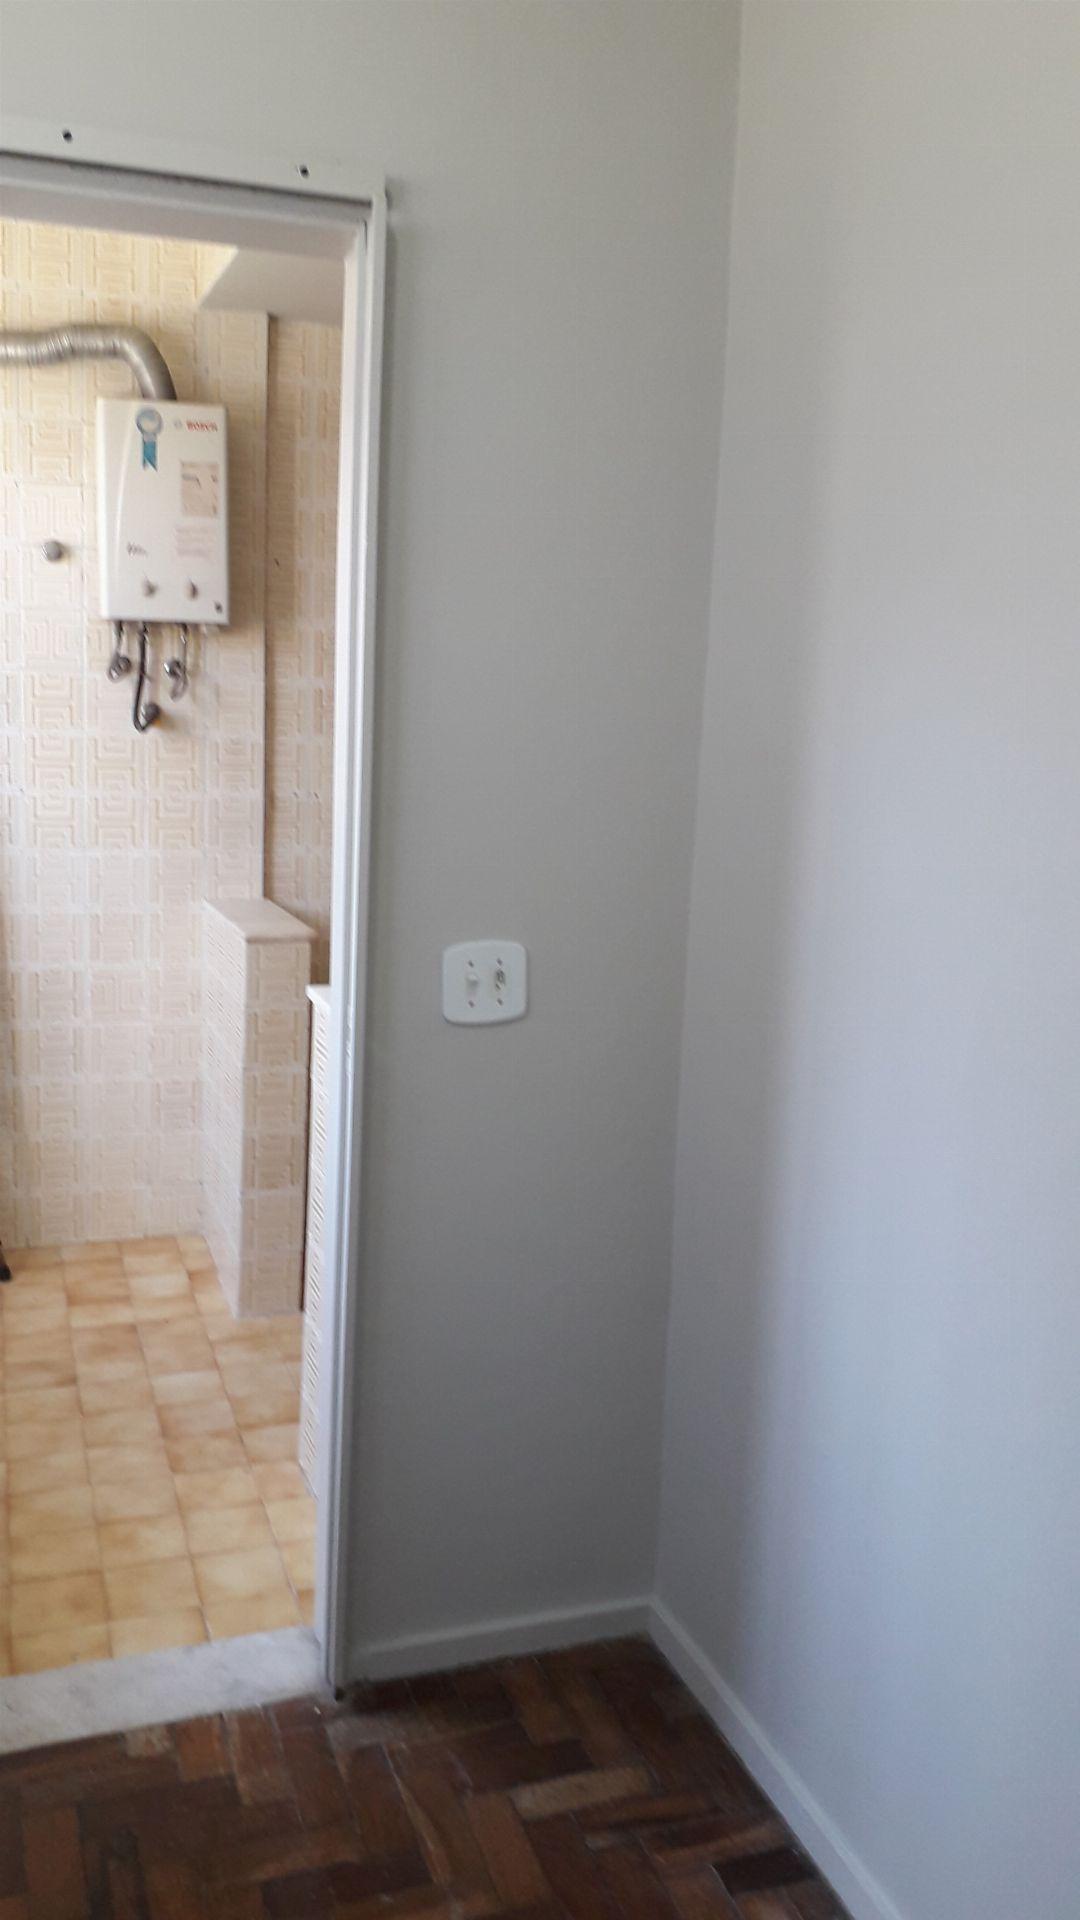 DEPENDÊNCIA EMP - Apartamento À Venda - Tijuca - Rio de Janeiro - RJ - 000481 - 12